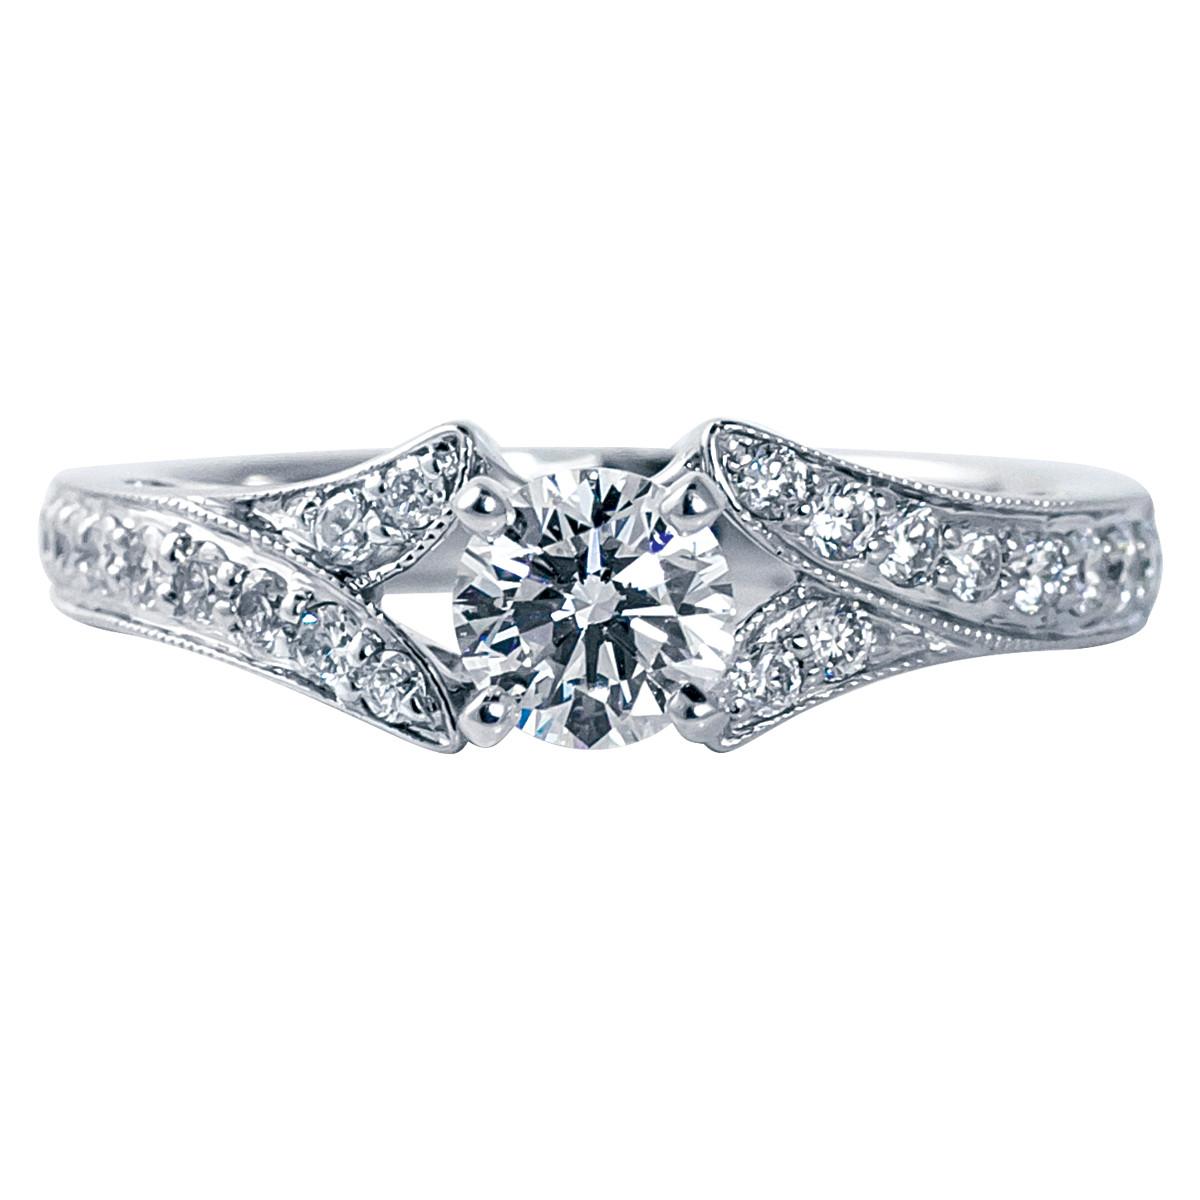 New Venetti 0.89 CTW Diamond Engagement Ring